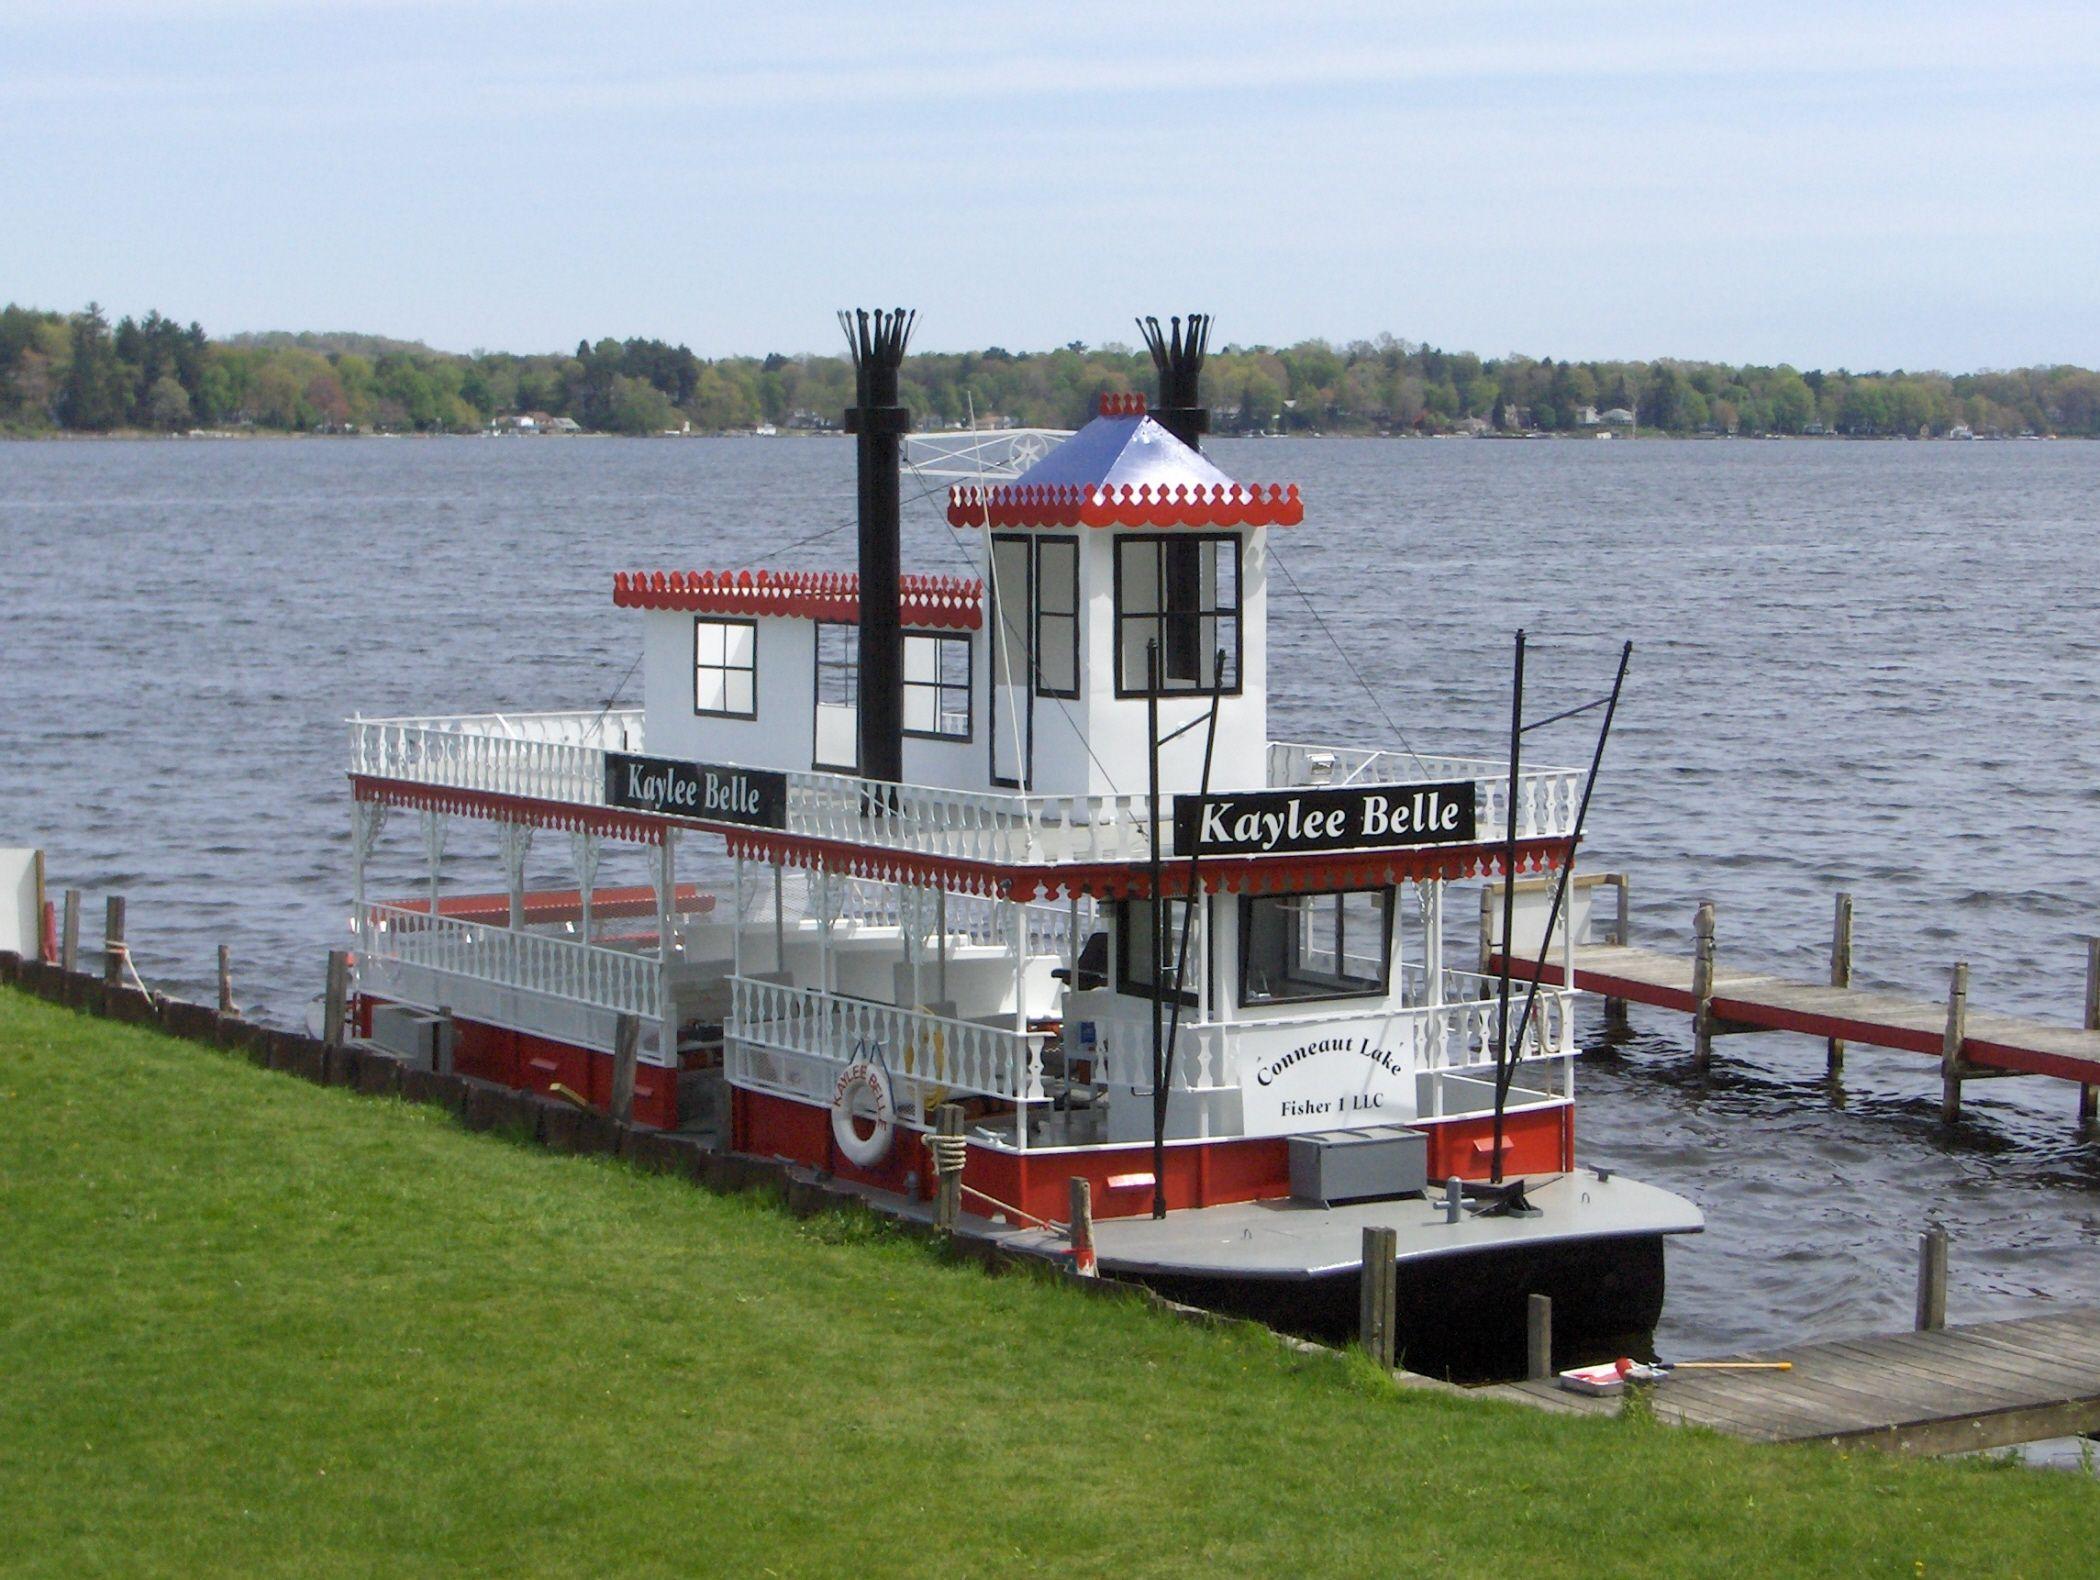 Kaylee Belle Paddleboat Conneaut Lake Park